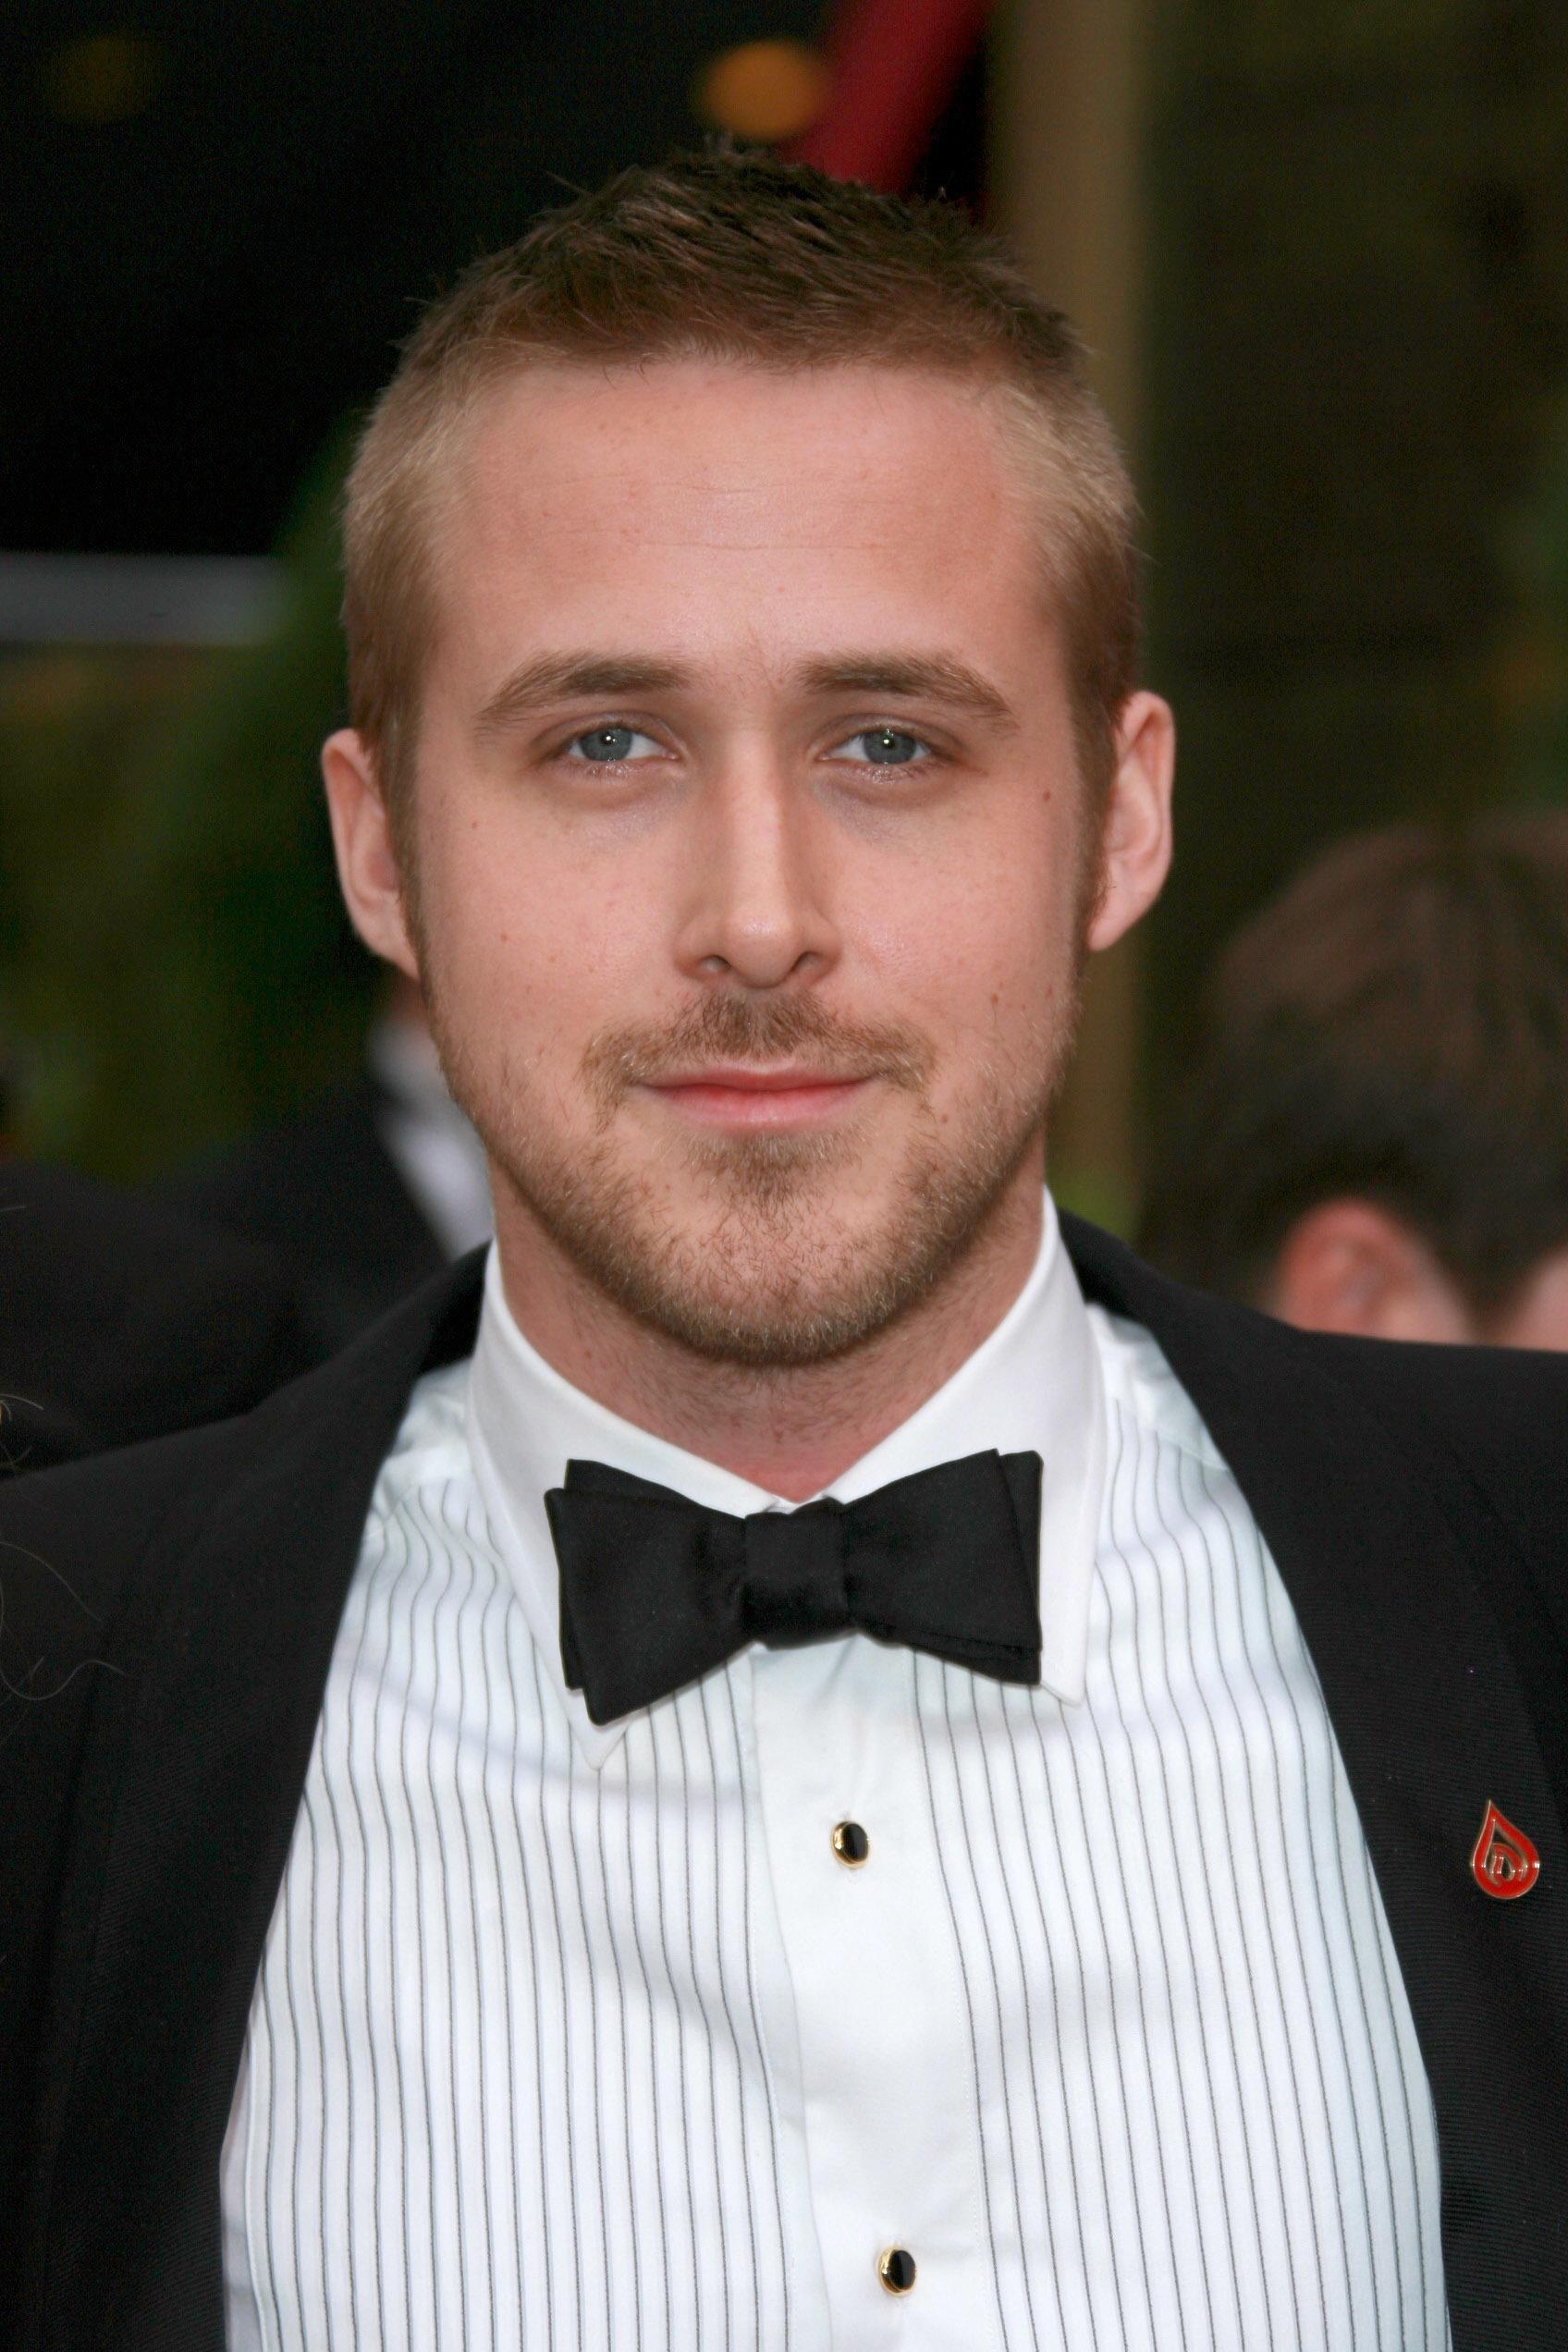 Coupe de cheveux de Ryan Gosling : Ryan Gosling avec un peigne mi-long avec des côtés courts et effilés, portant une chemise bleue